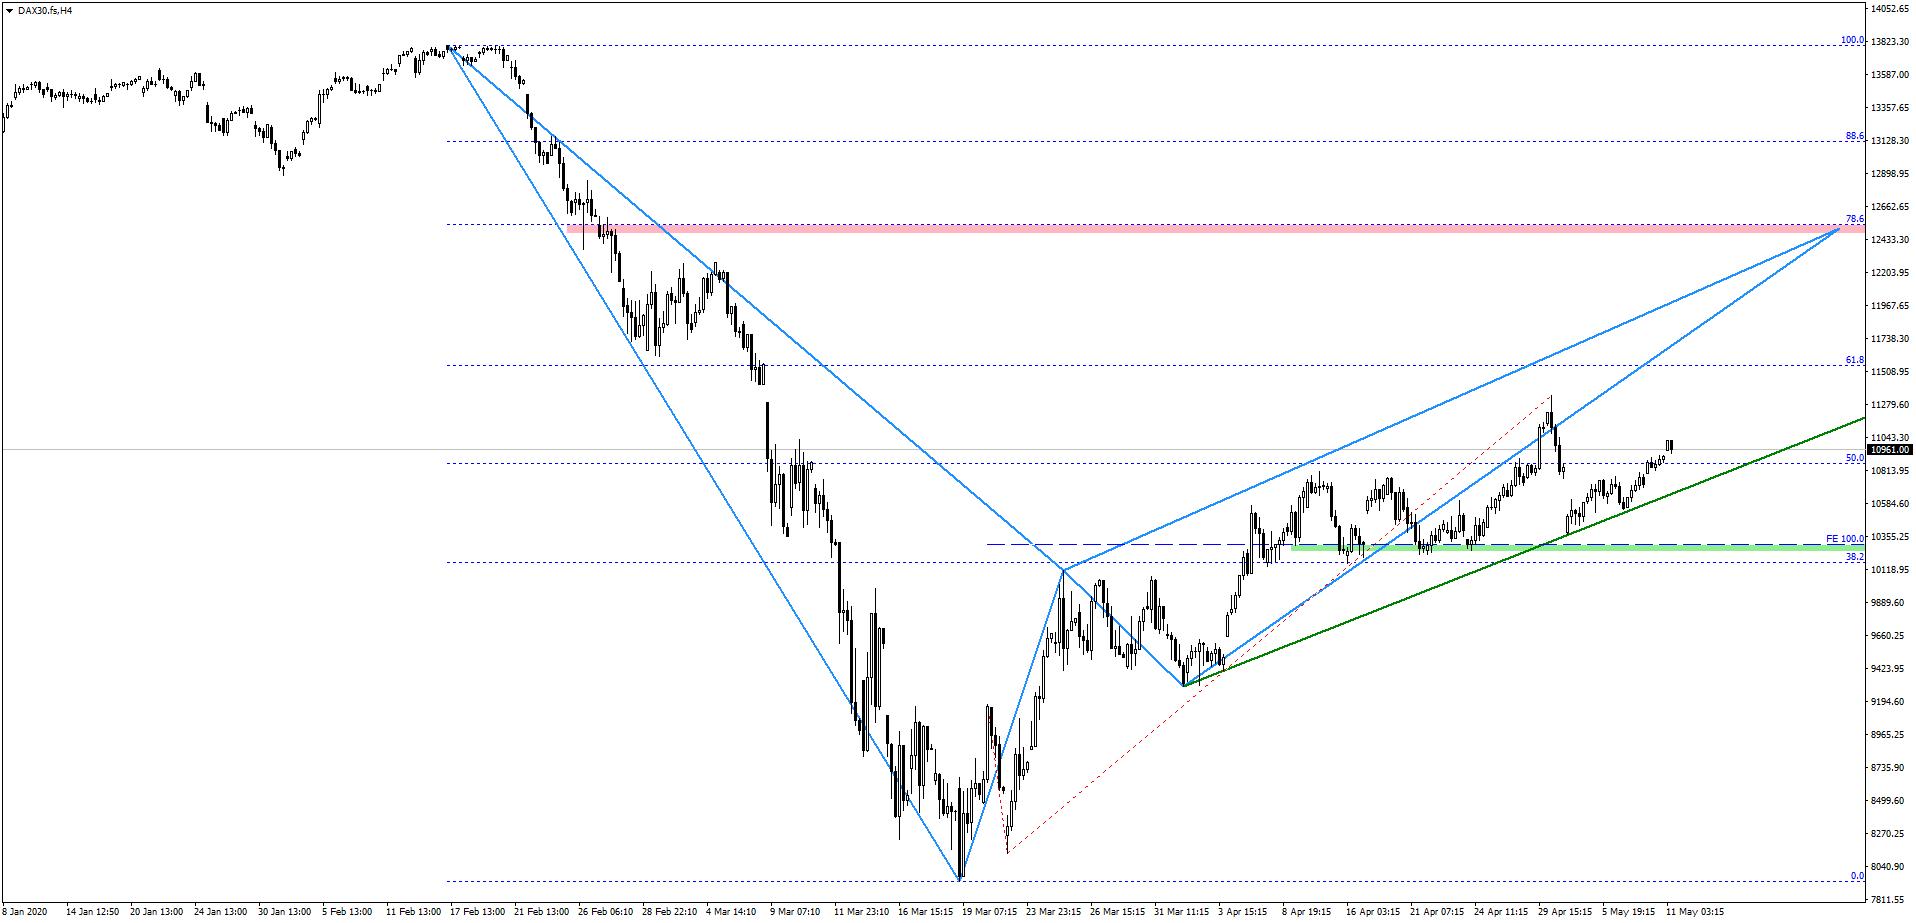 Czy rynki akcji będą kontynuować wzrosty? Jaki jest poziom docelowy na DAXie?